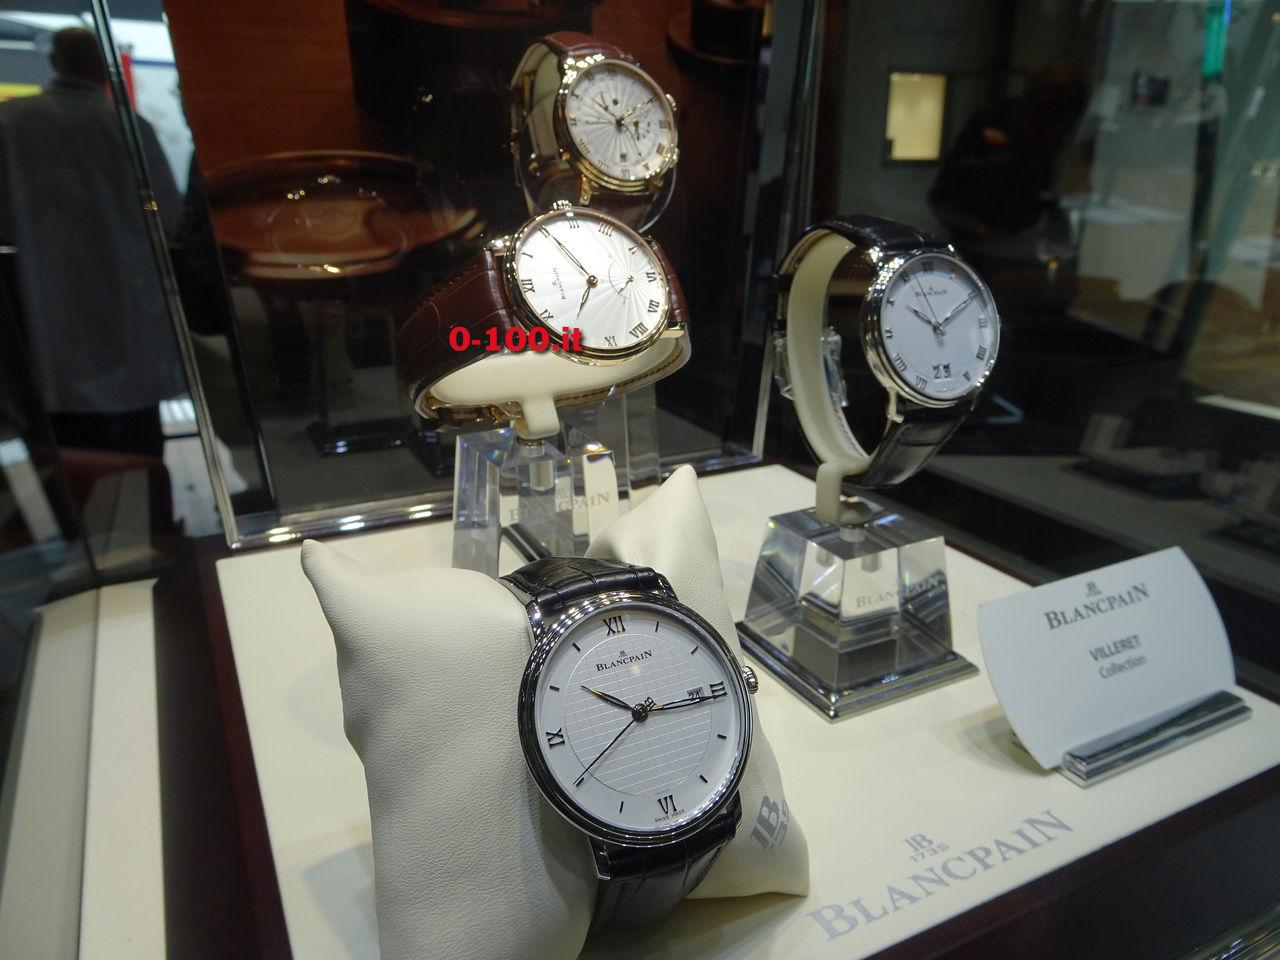 lamborghini-blancpain-huracan-supertrofeo-chronograph_2016-0-100_15